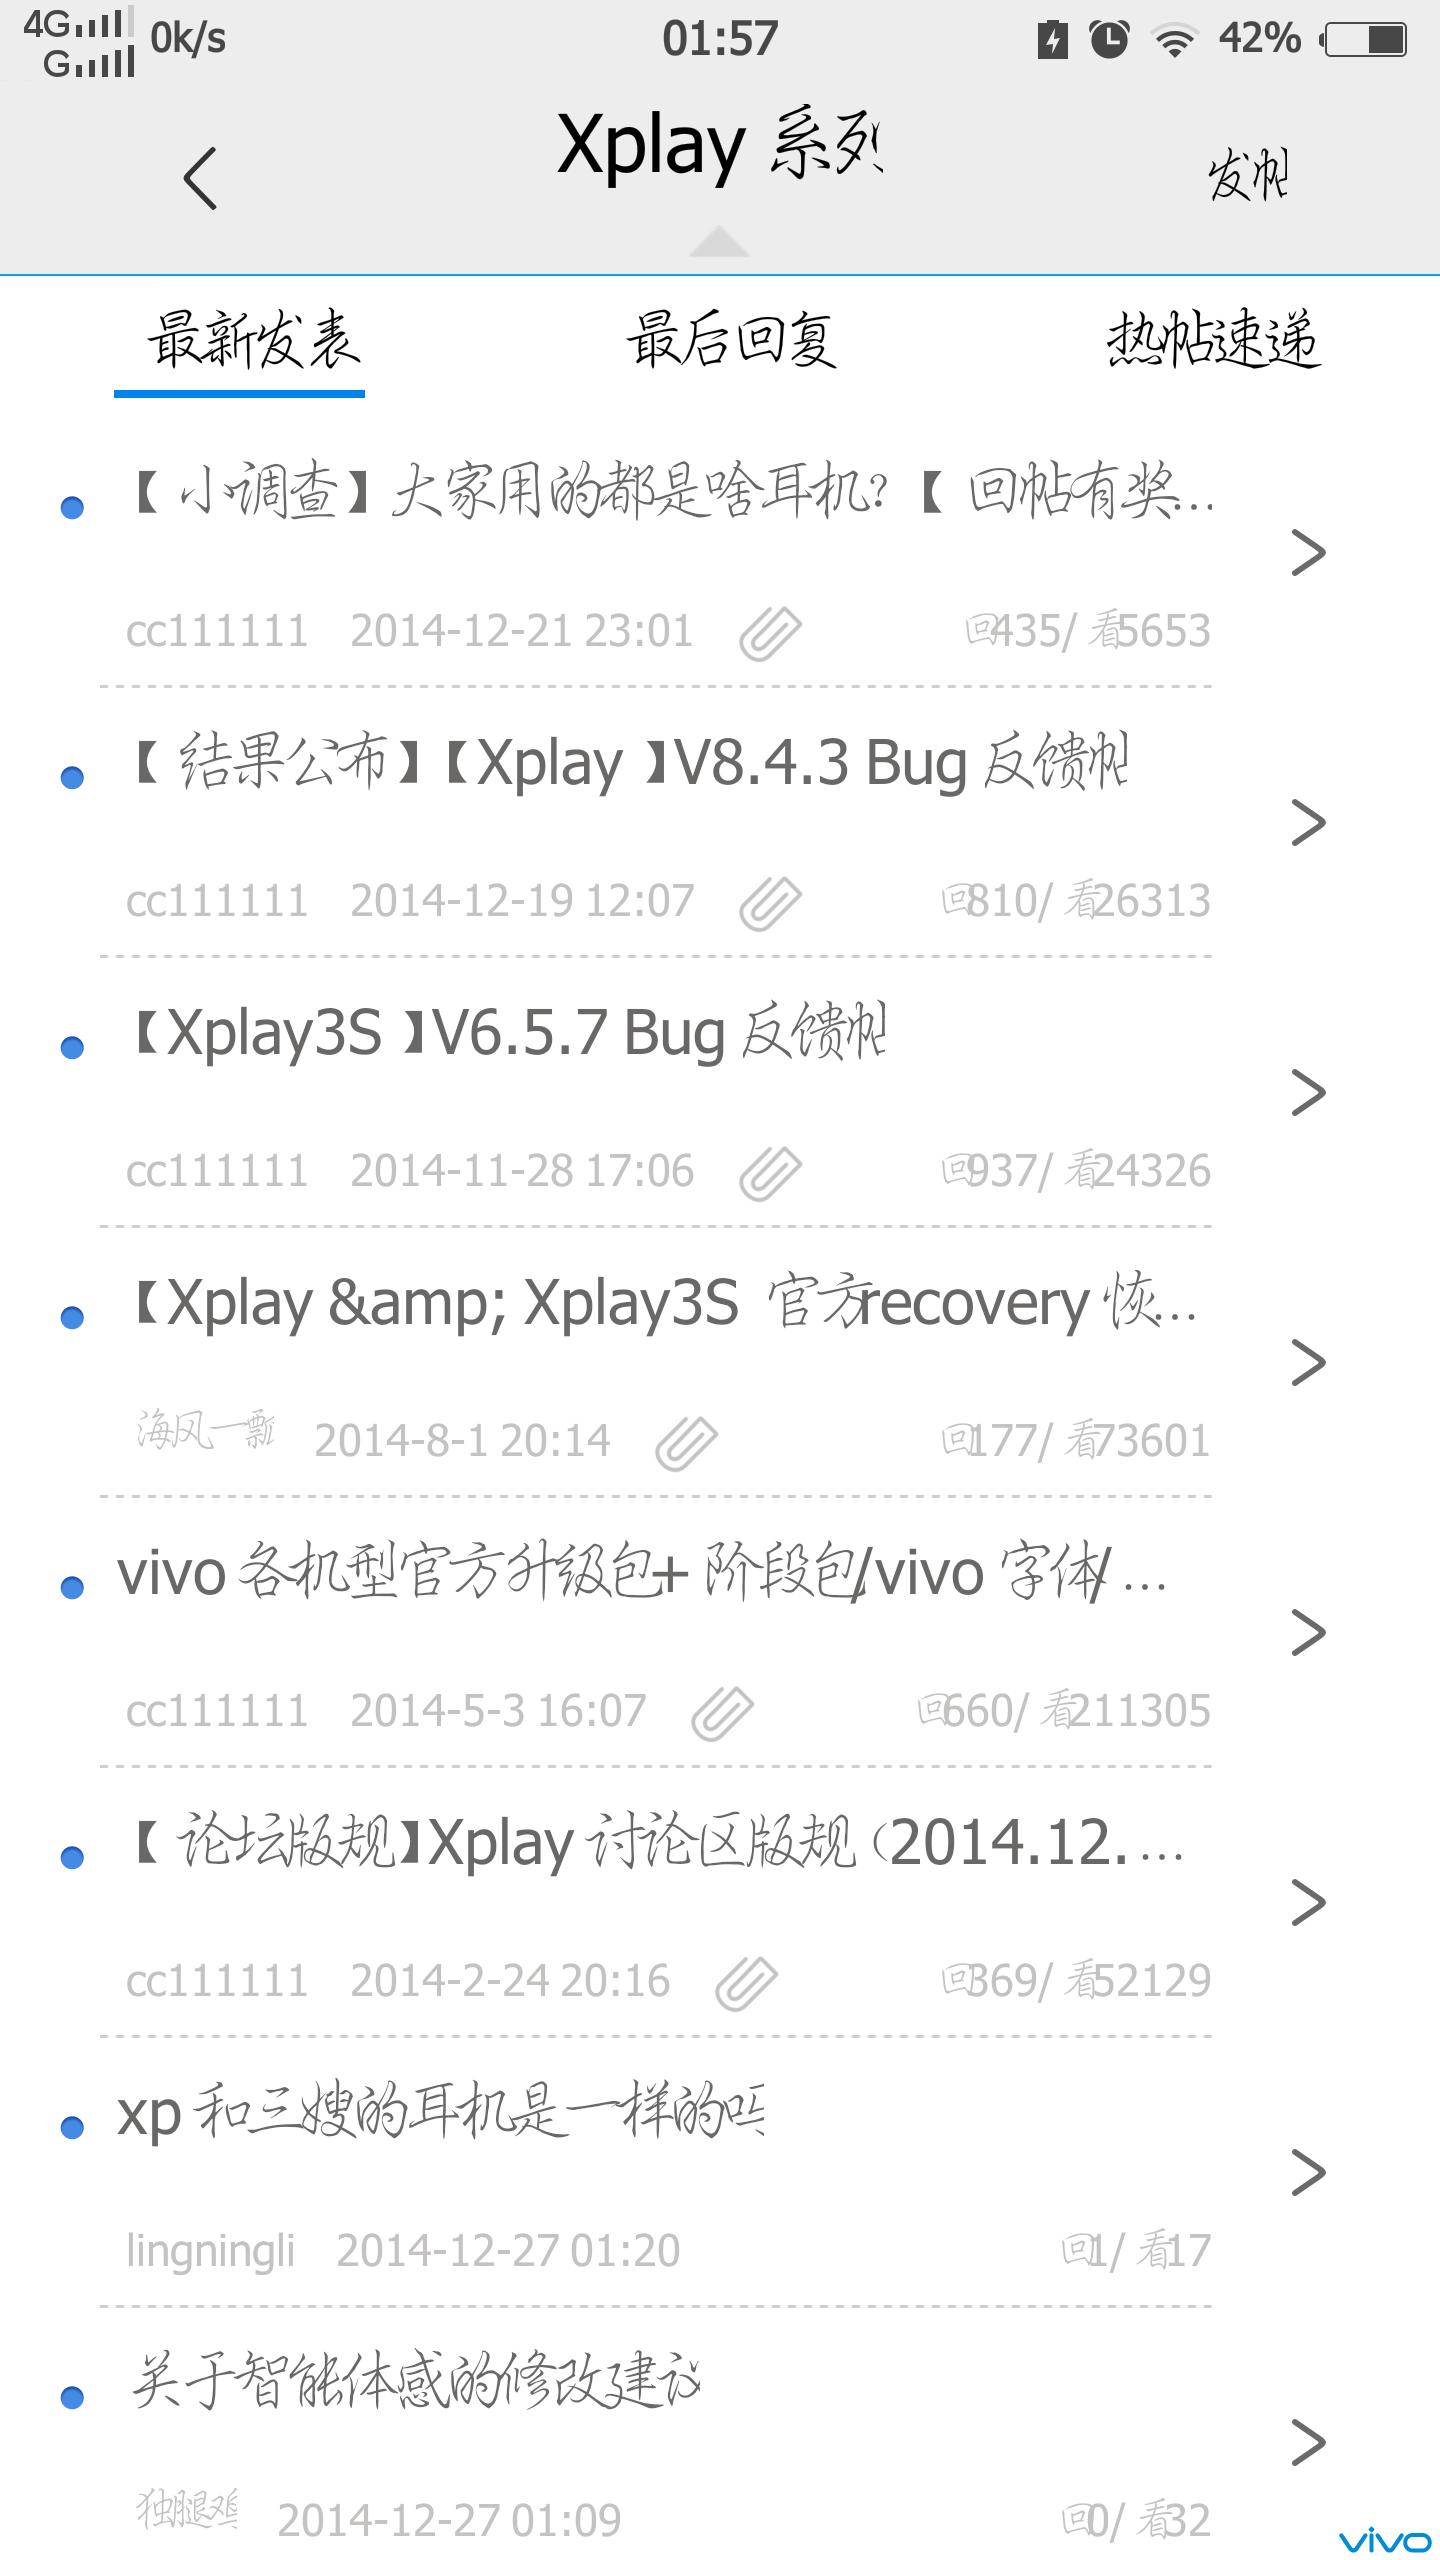 求xplay3s幼圆字体